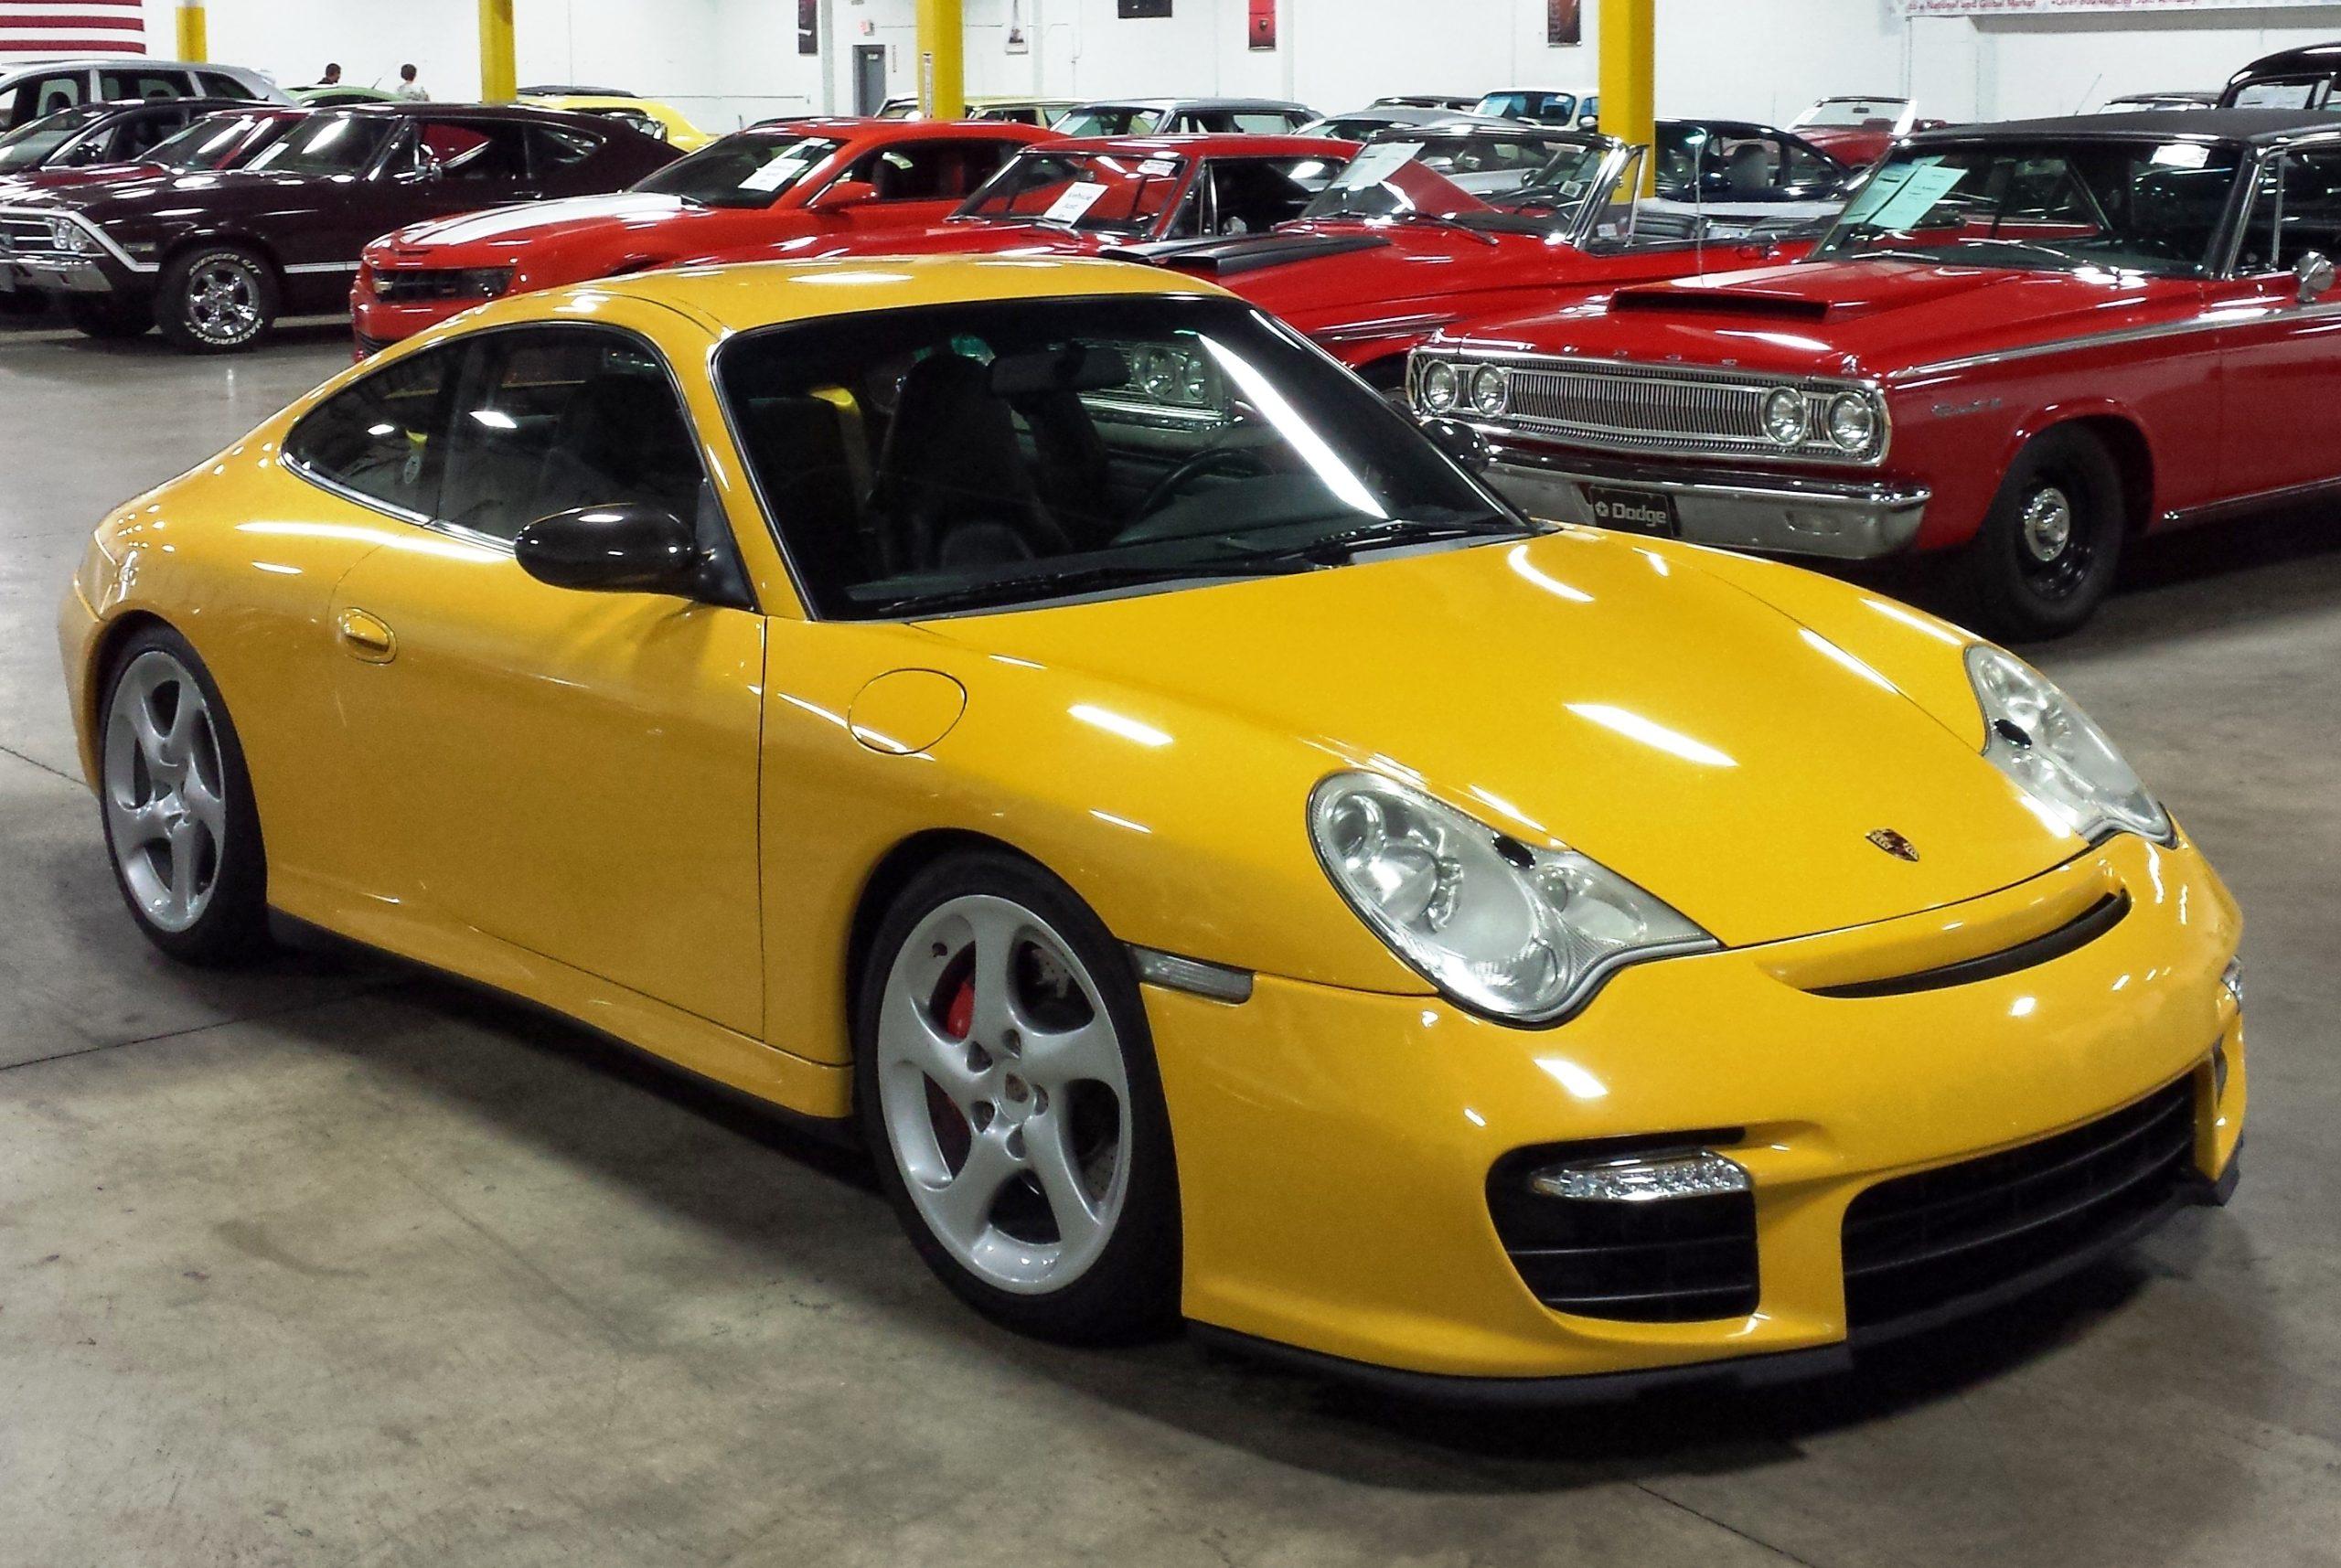 996C4S